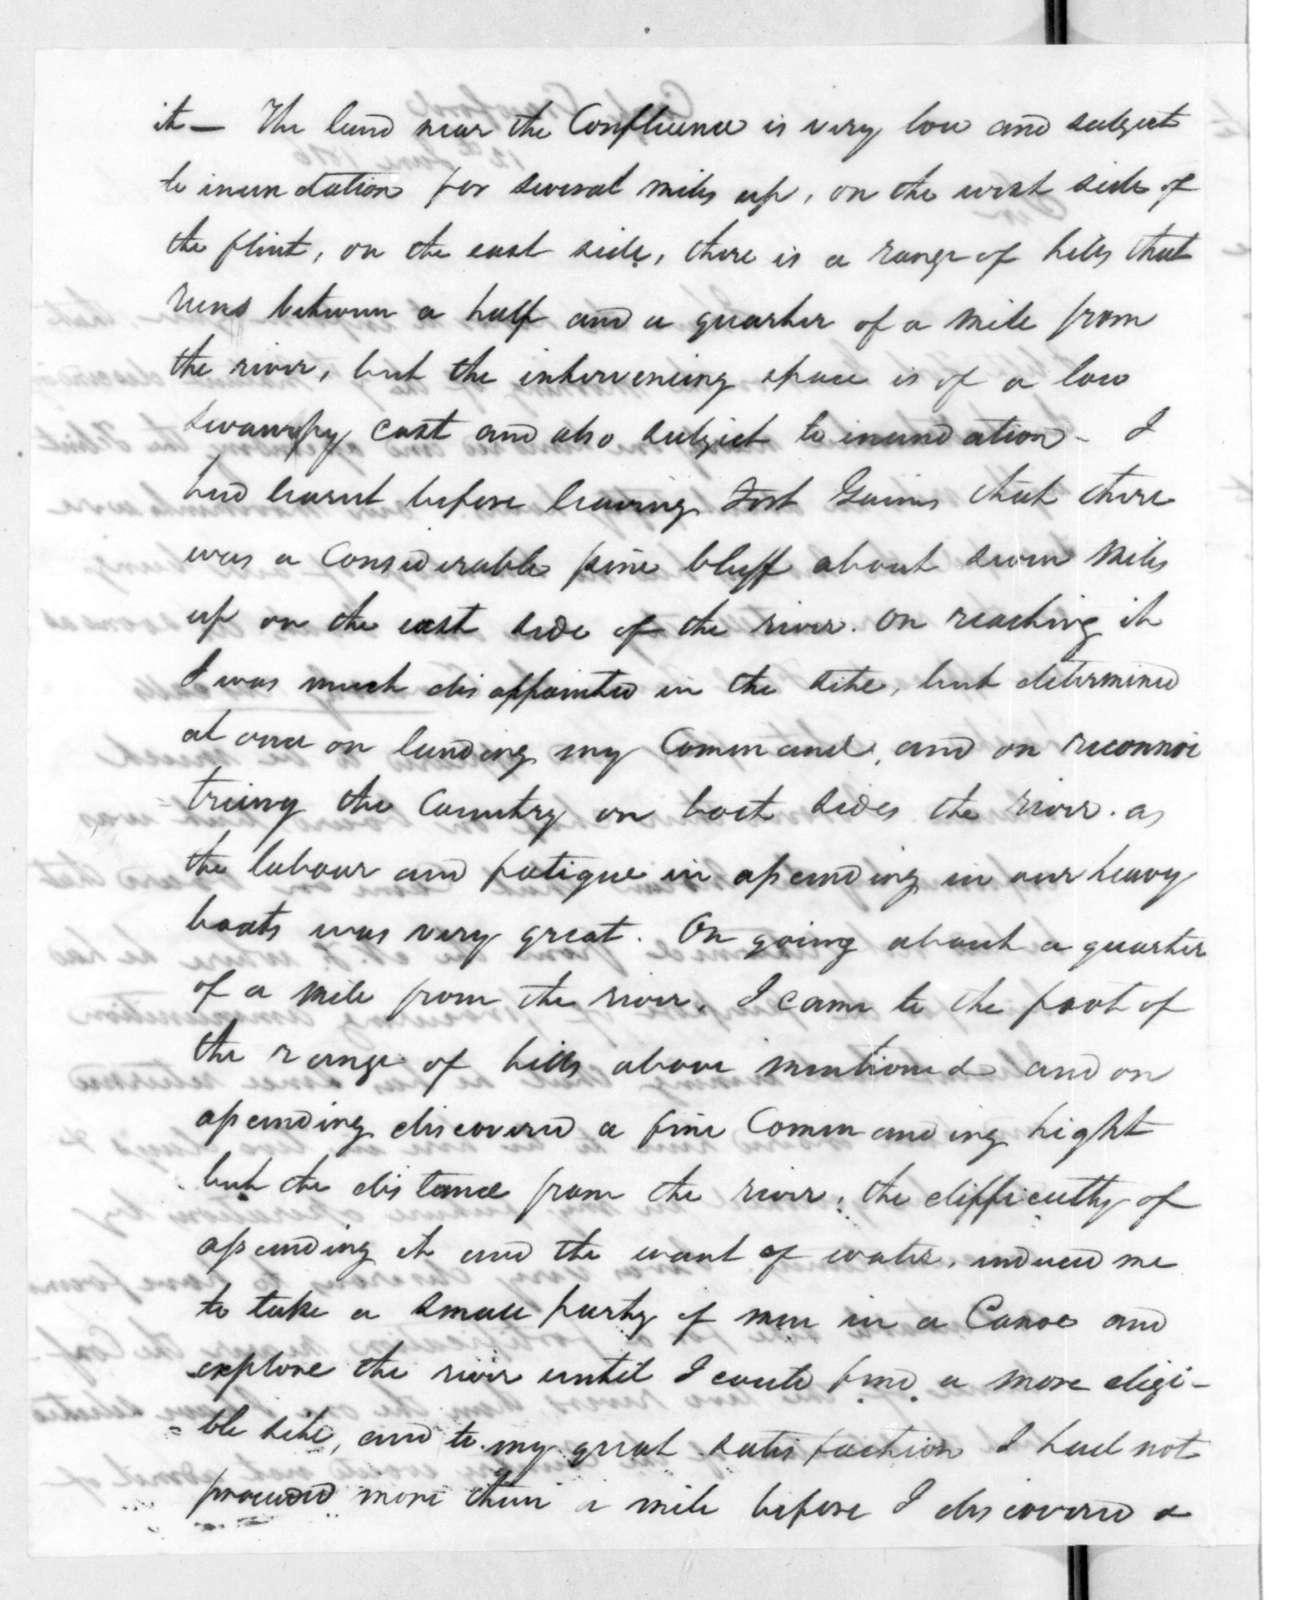 Duncan Lamont Clinch to Edmund Pendleton Gaines, June 12, 1816